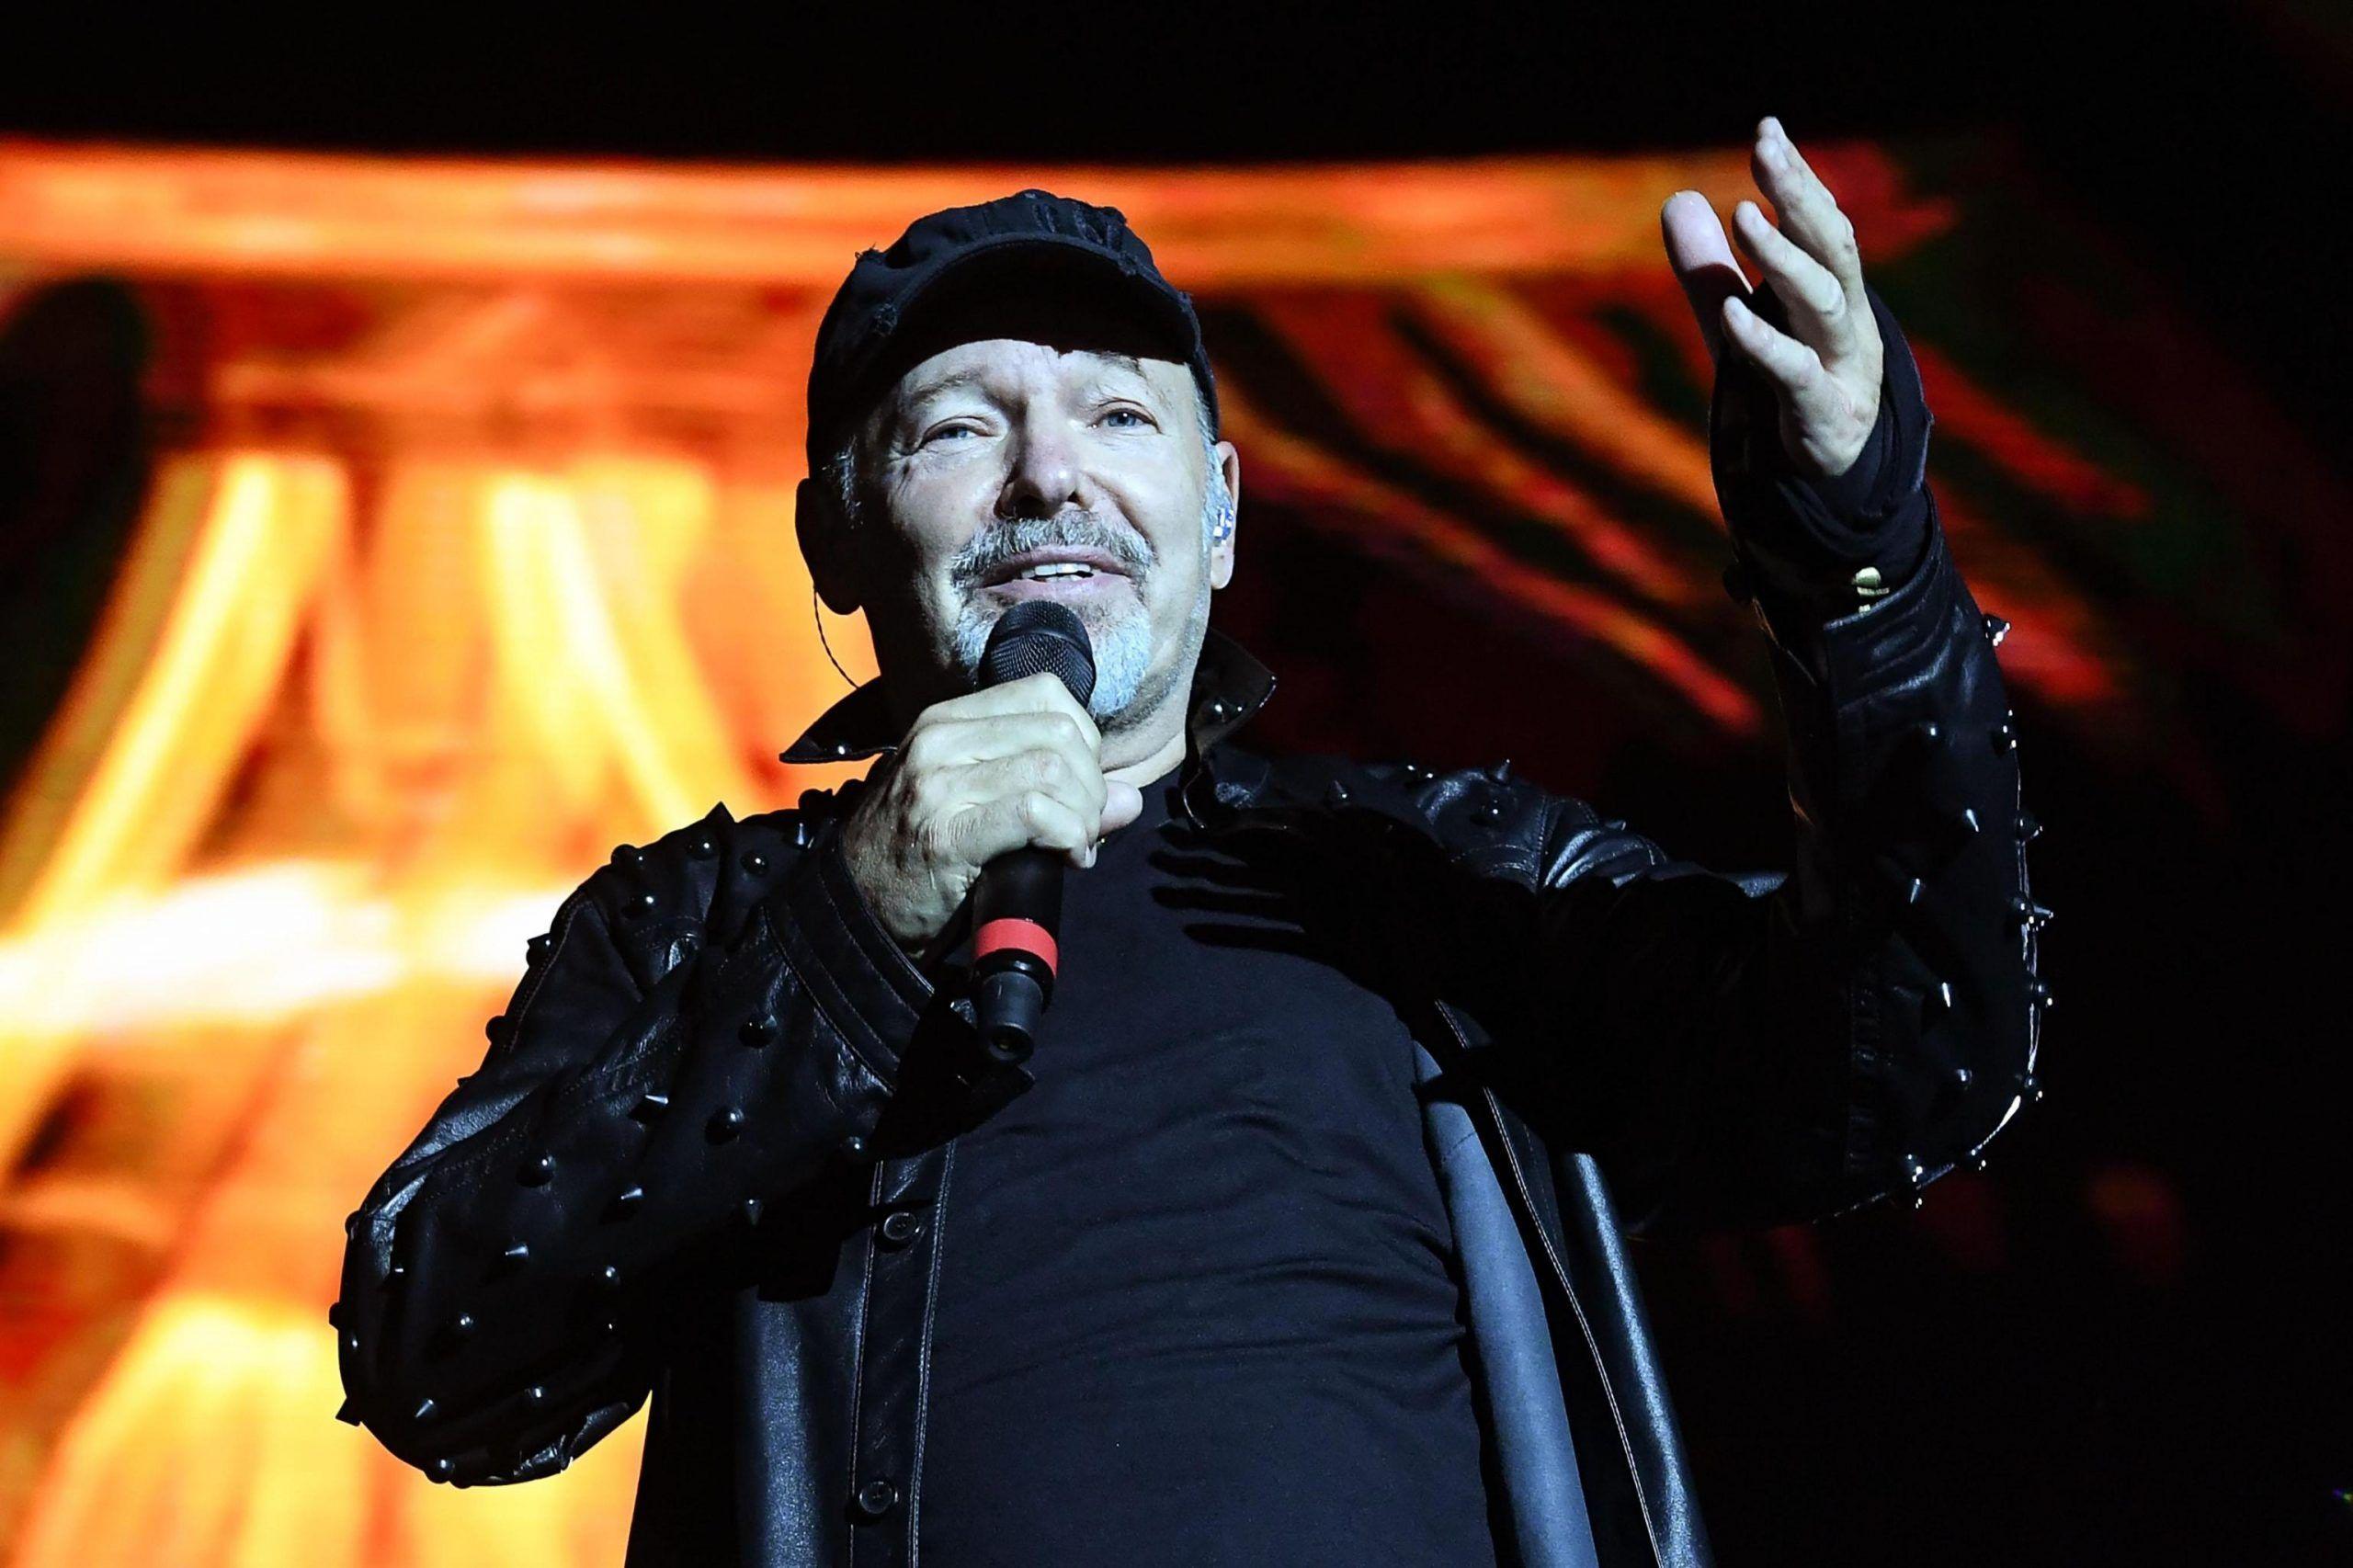 Vasco Rossi performs in Modena